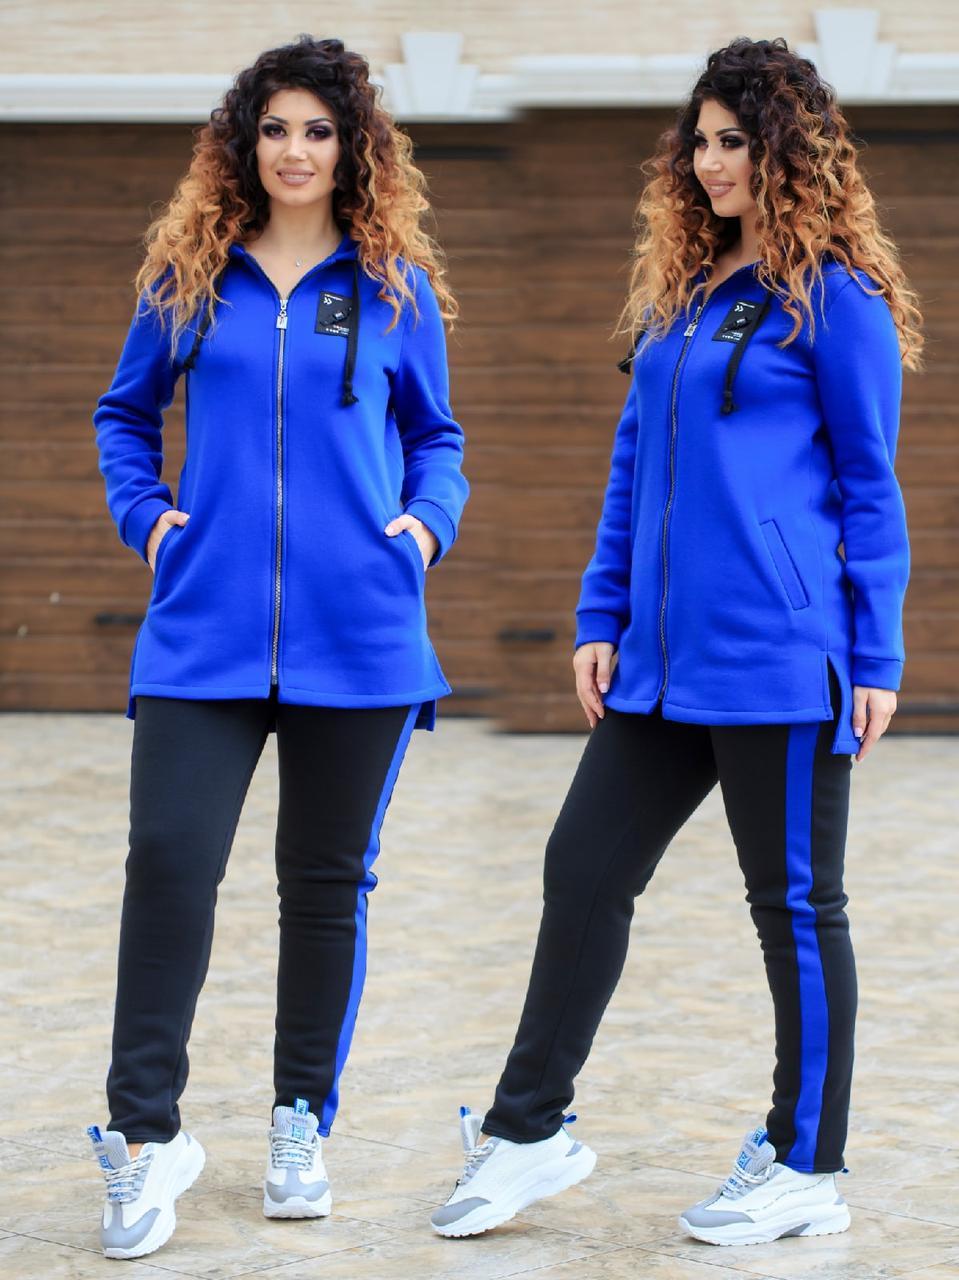 Женский зимний теплый спортивный костюм: длинная кофта с капюшоном и штаны, батал большие размеры